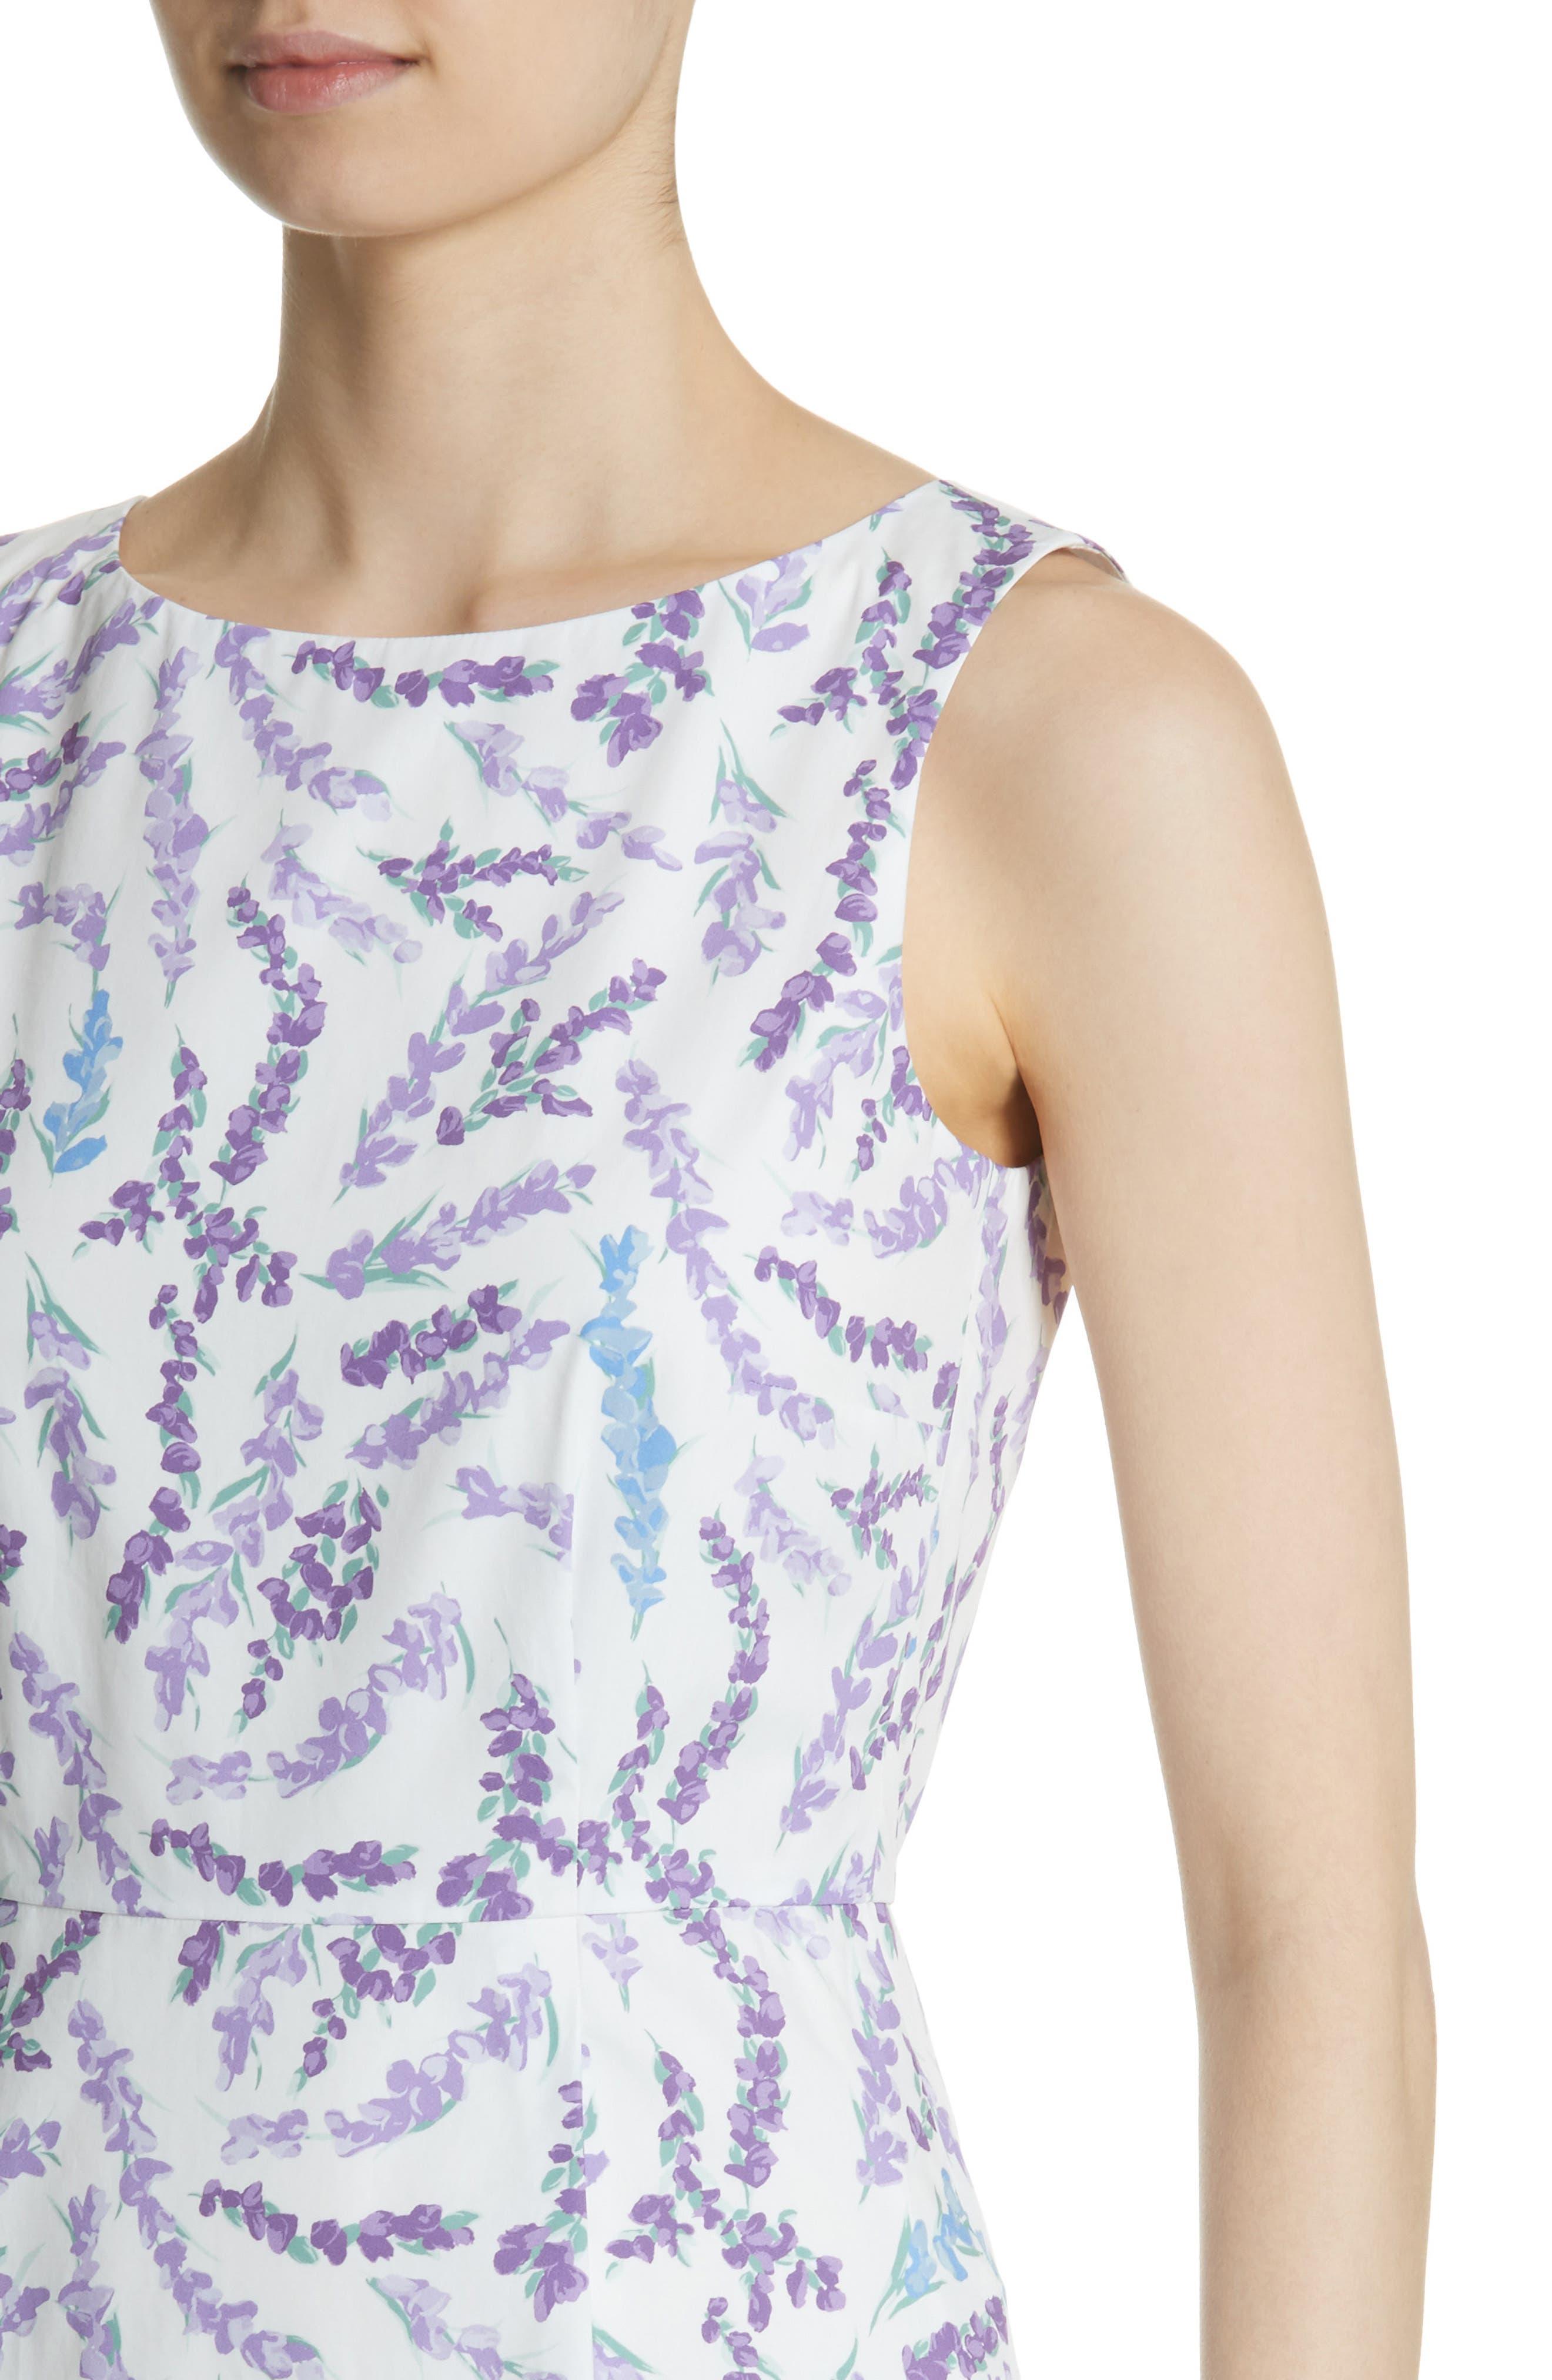 Melfi Print Cotton Sheath Dress,                             Alternate thumbnail 4, color,                             531